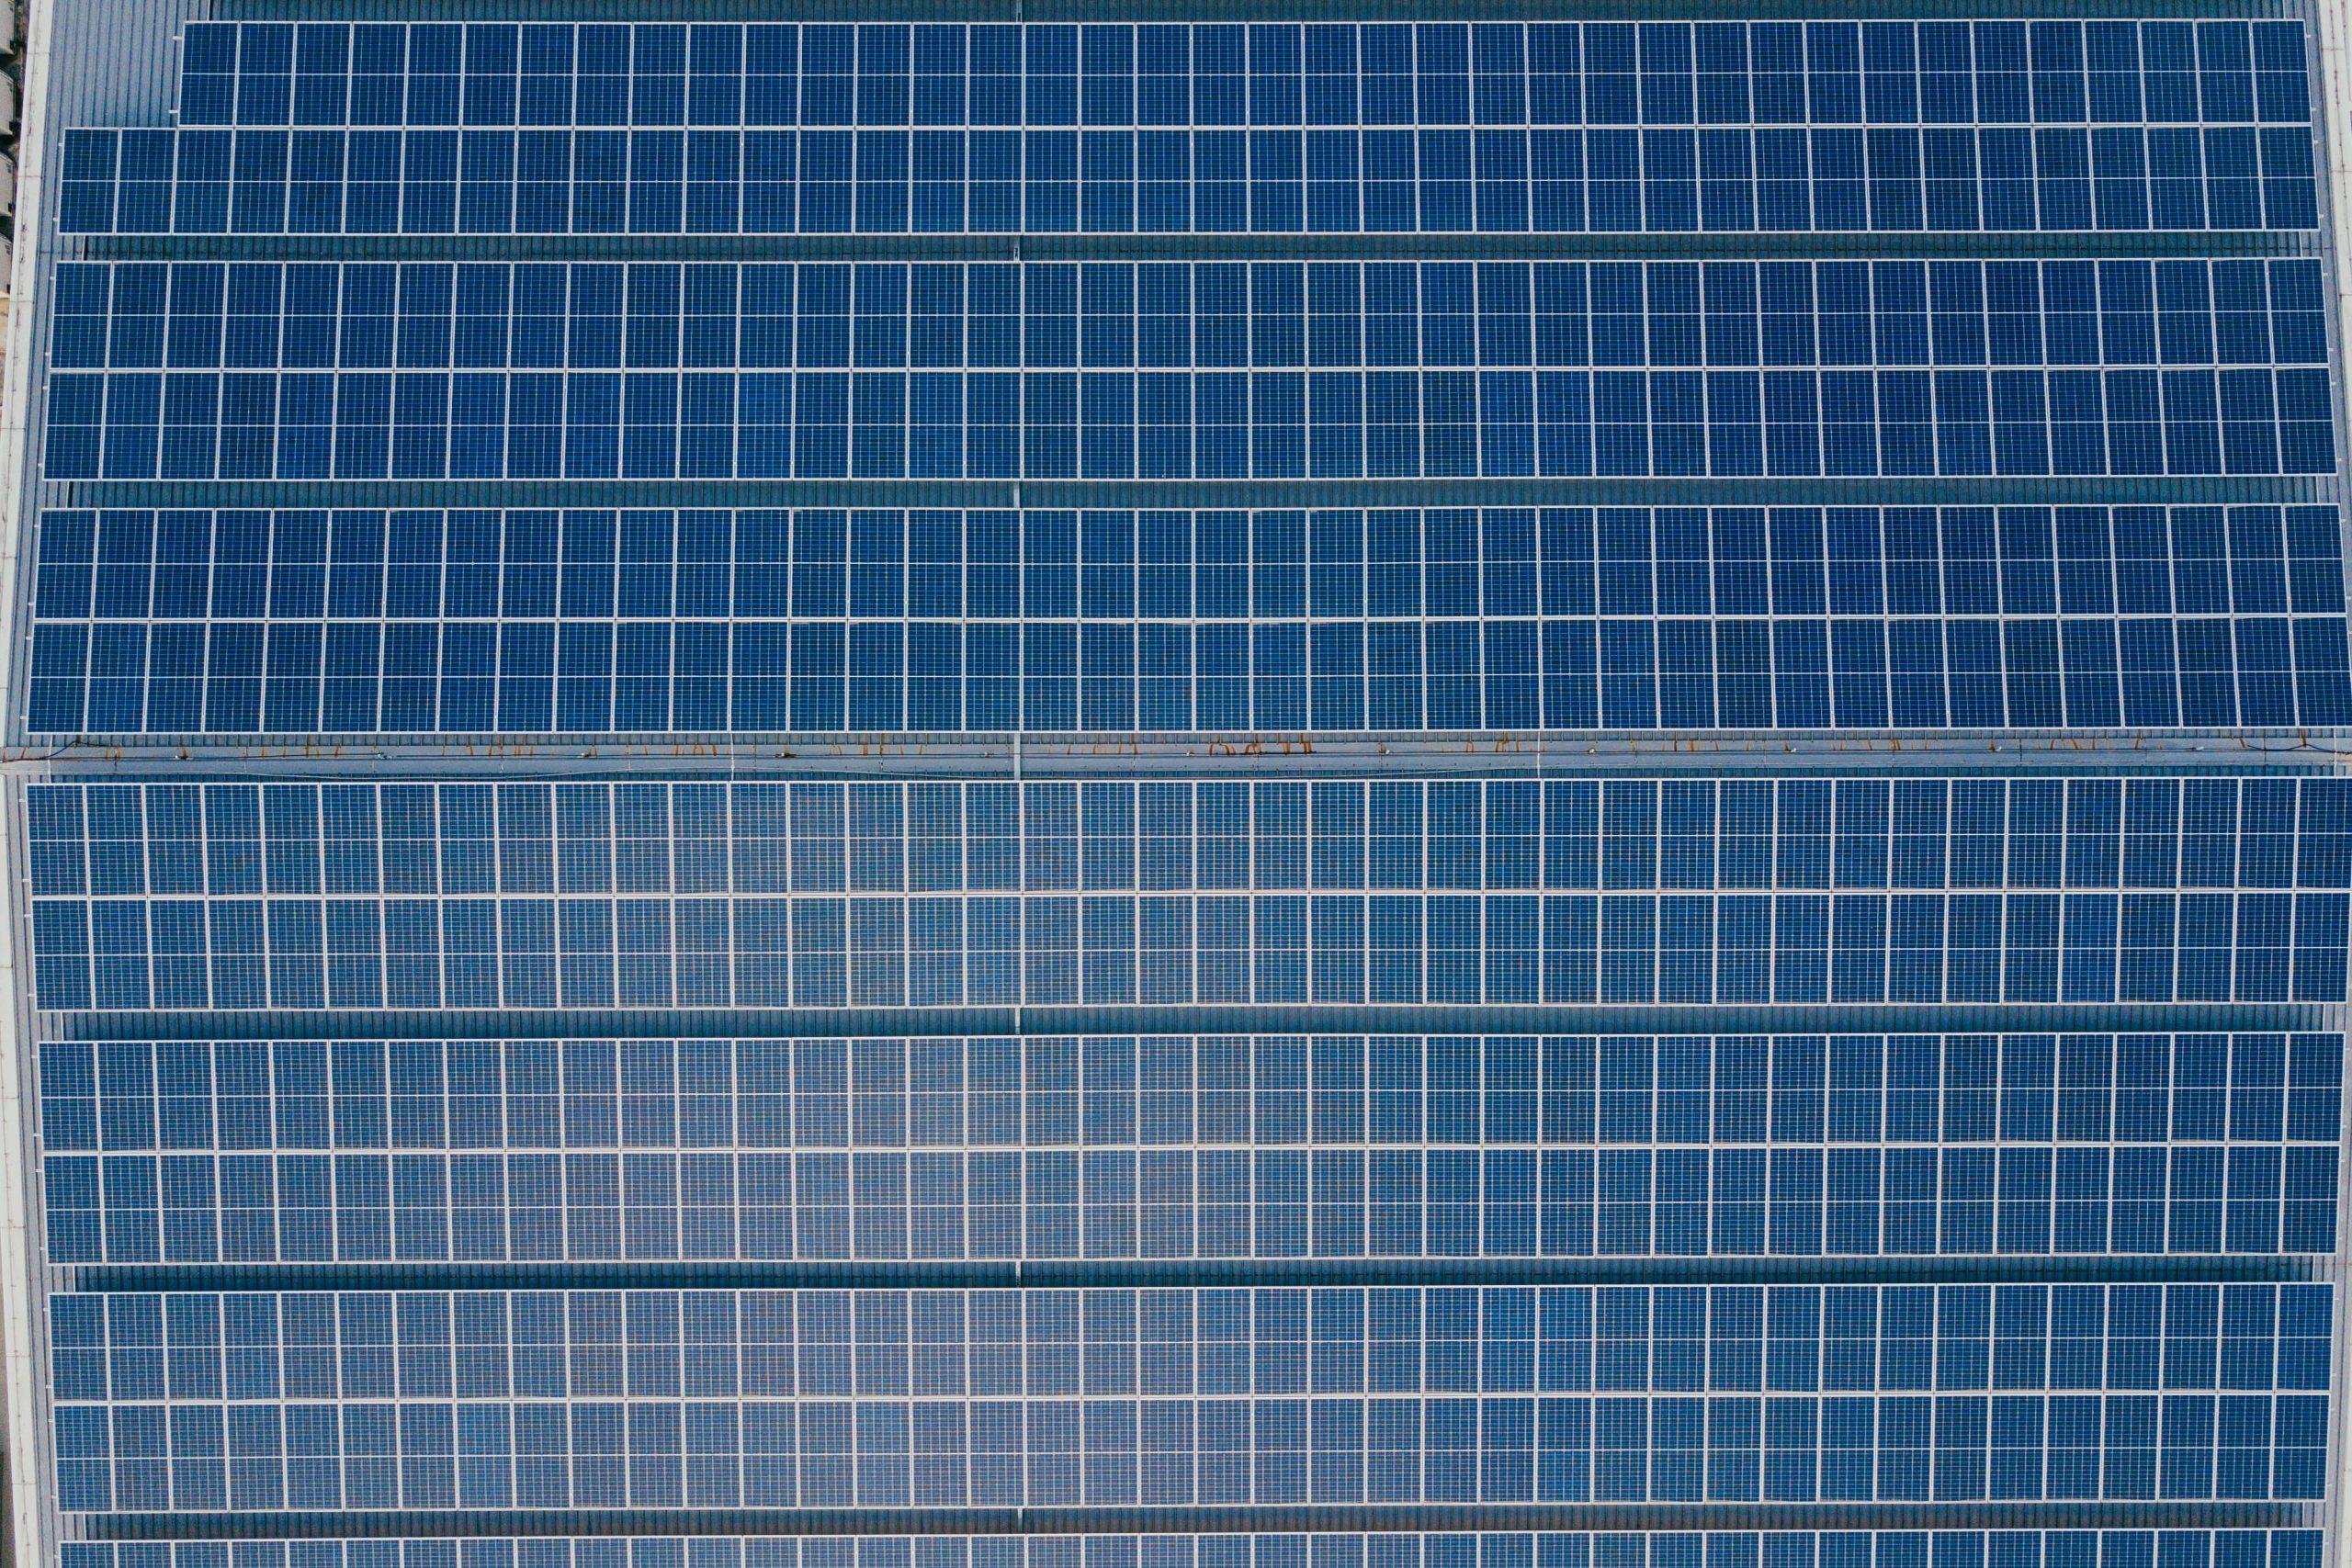 tiempo de vida de los paneles solares para negocio